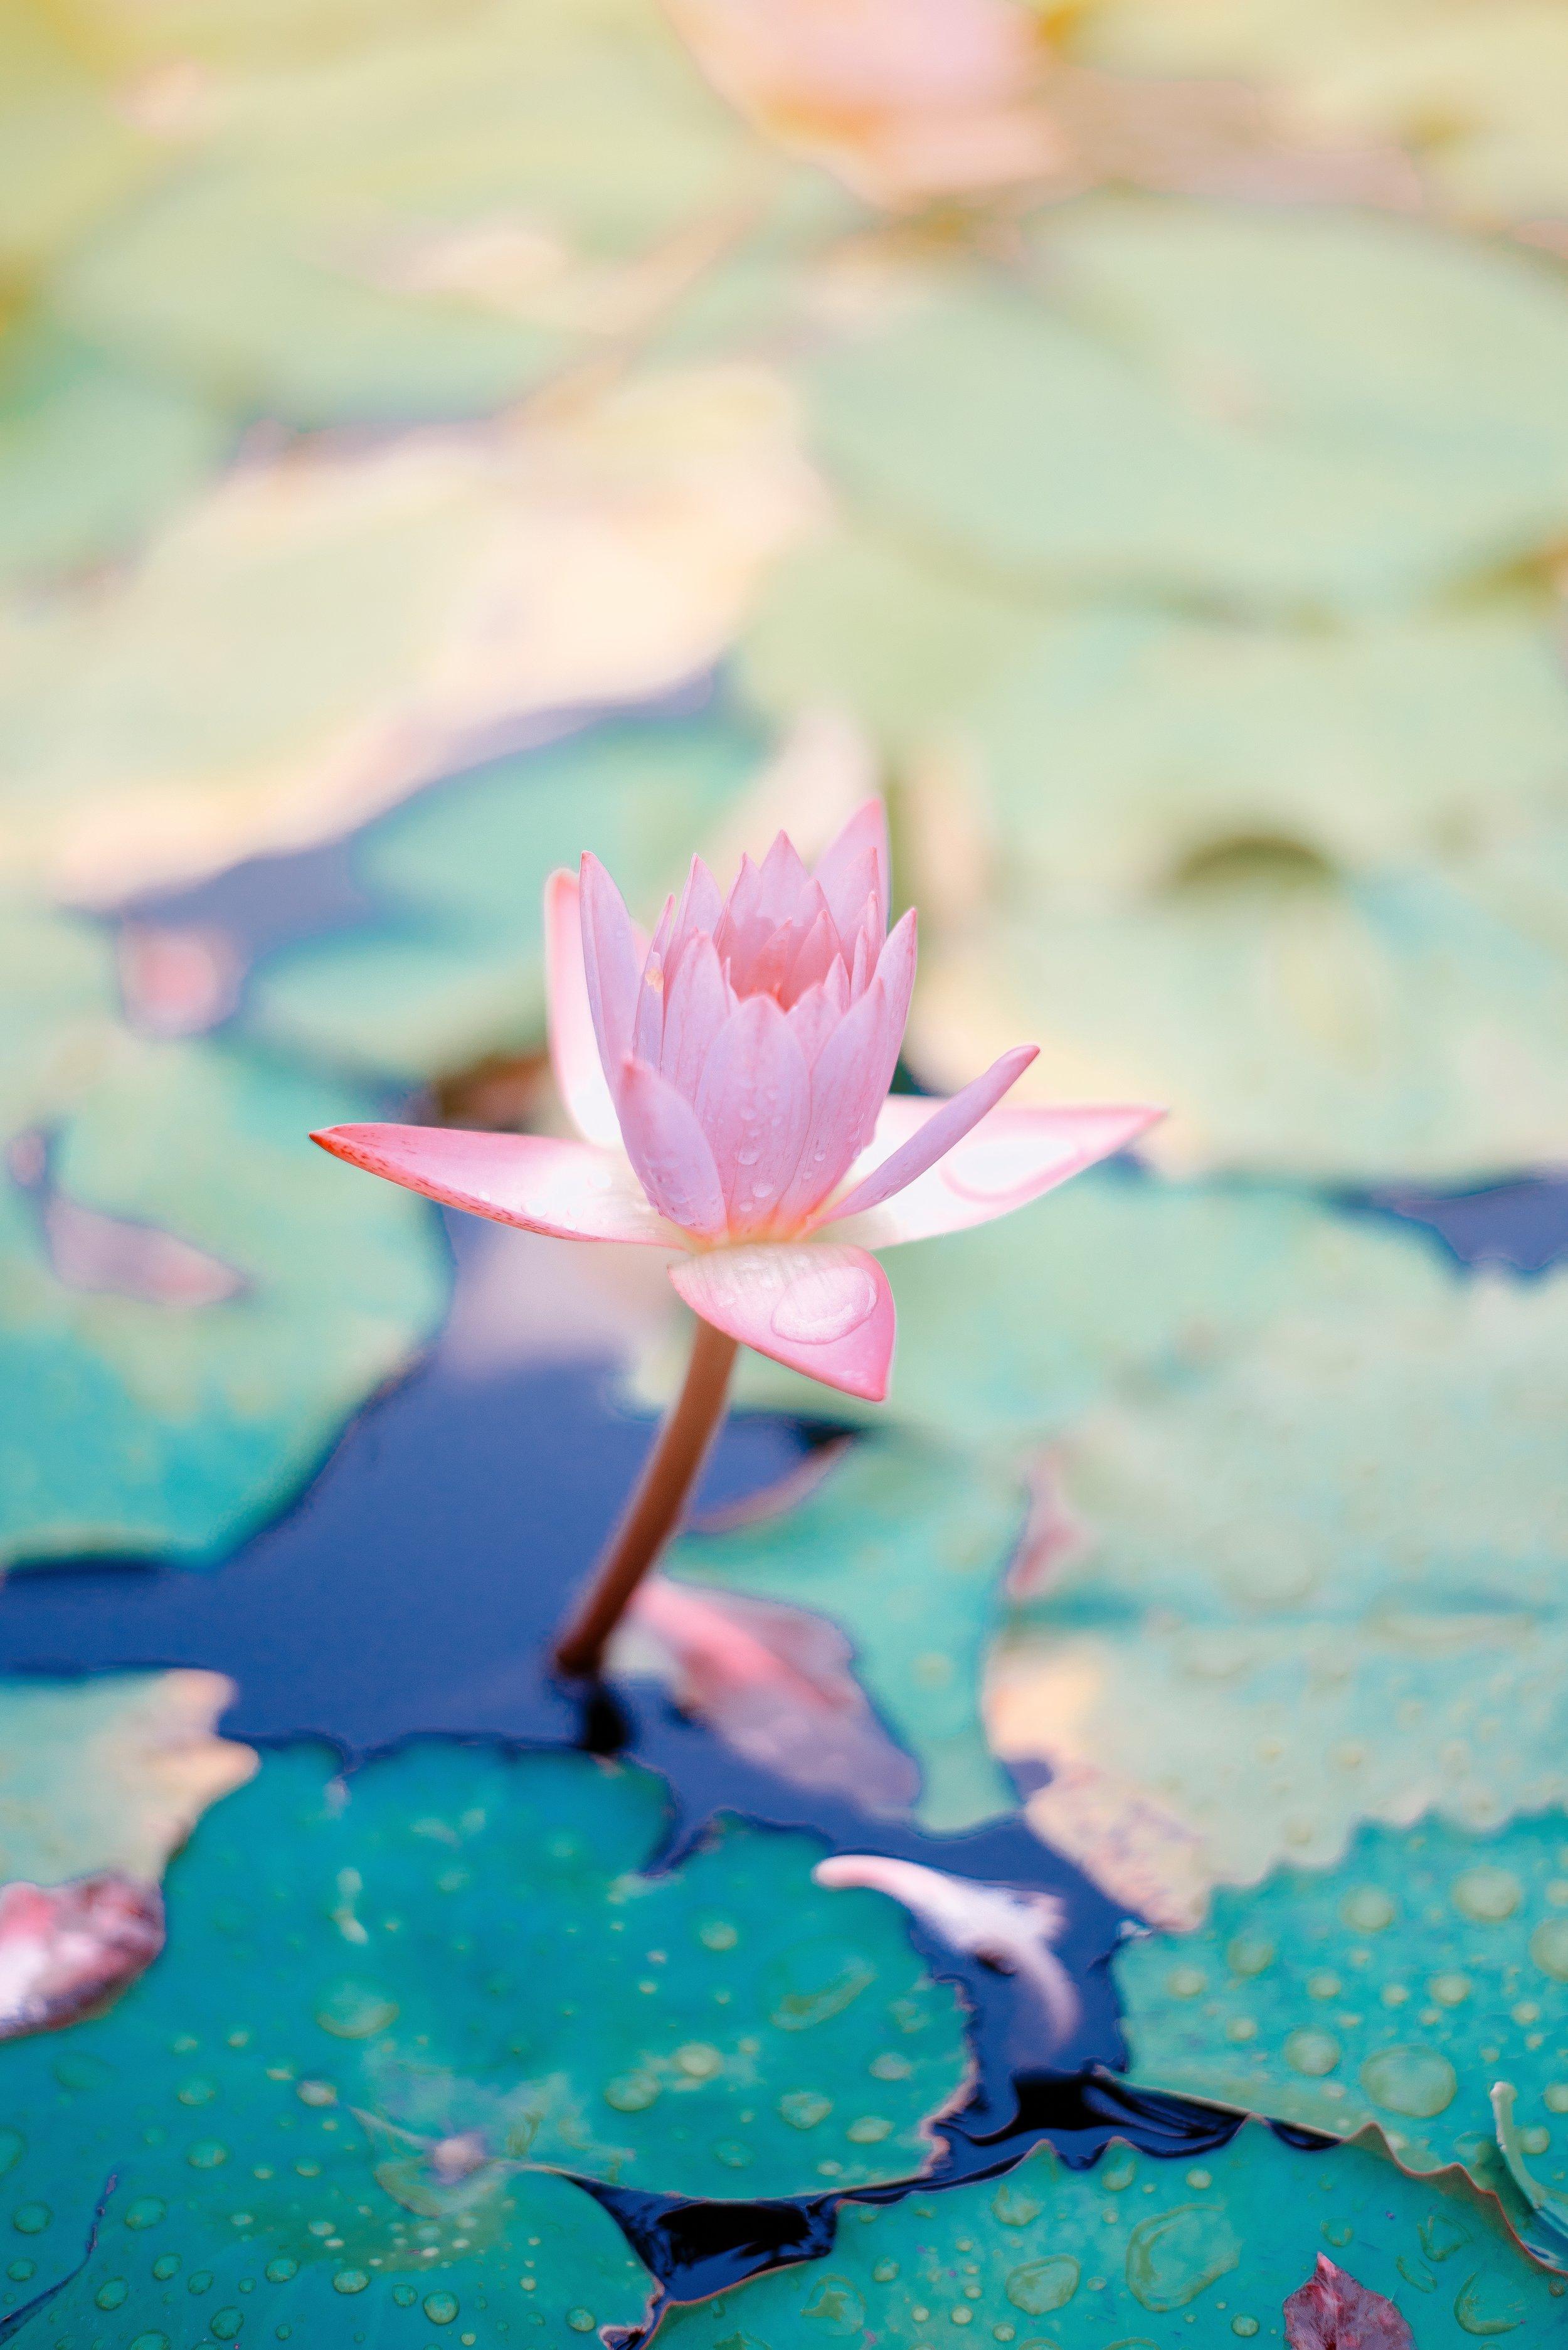 coalesce-fairuse-photo11.jpg